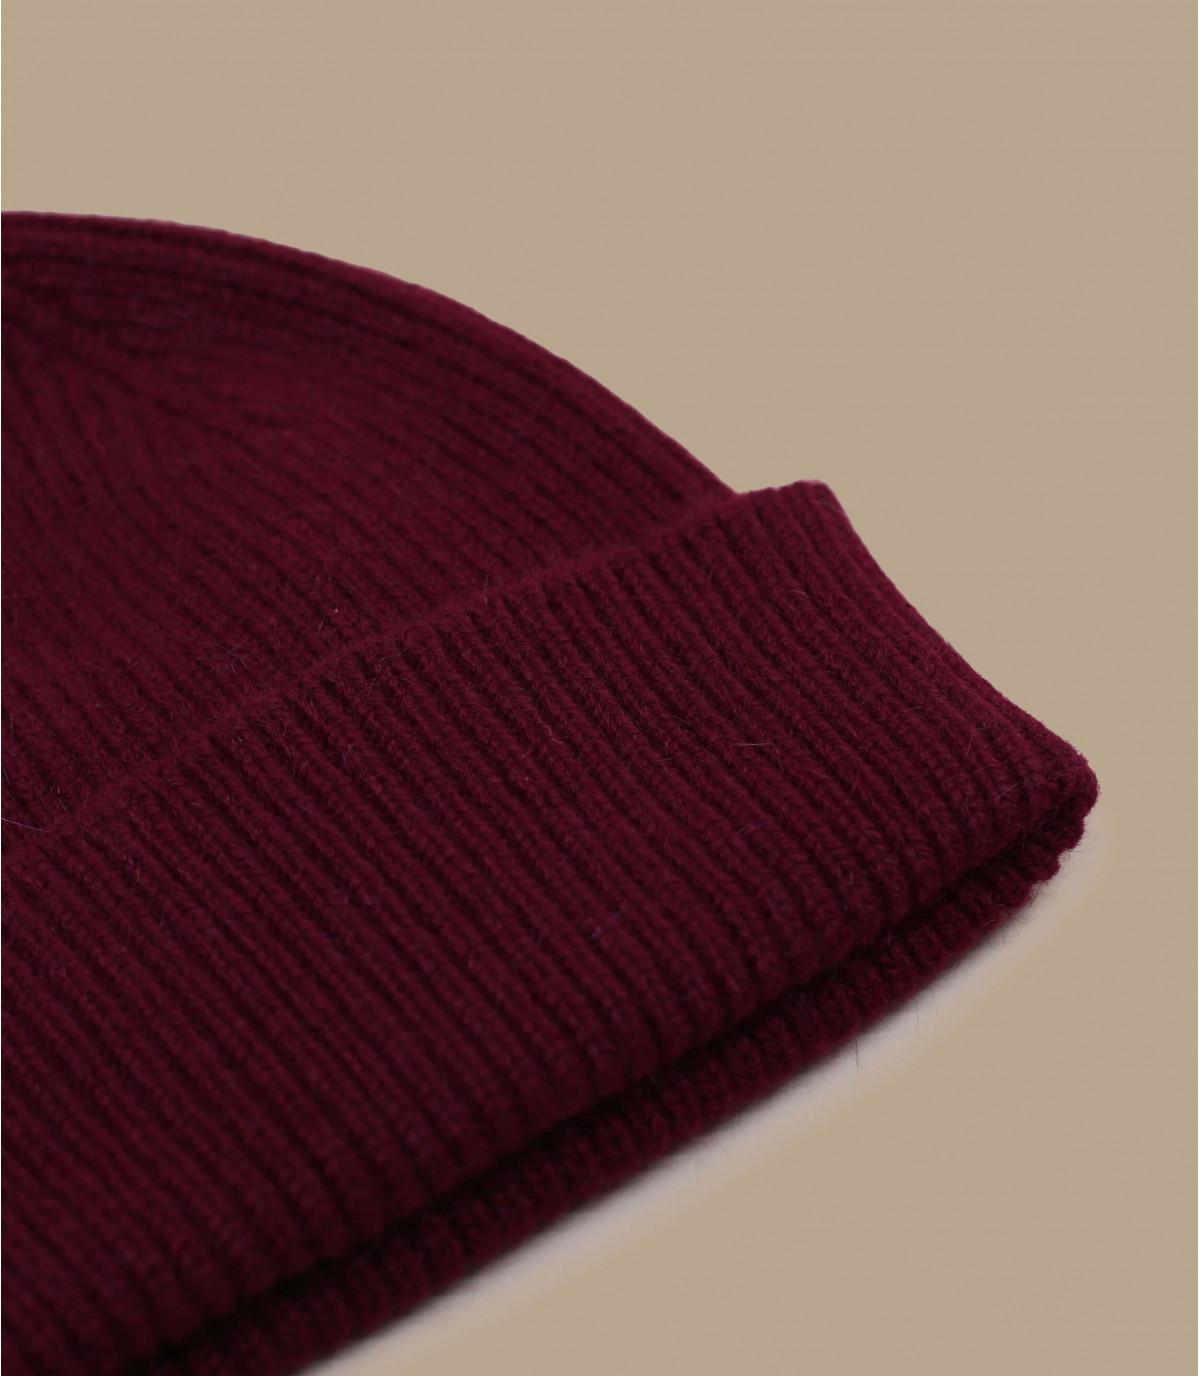 Mütze Rand bordeaux Wolle Angora